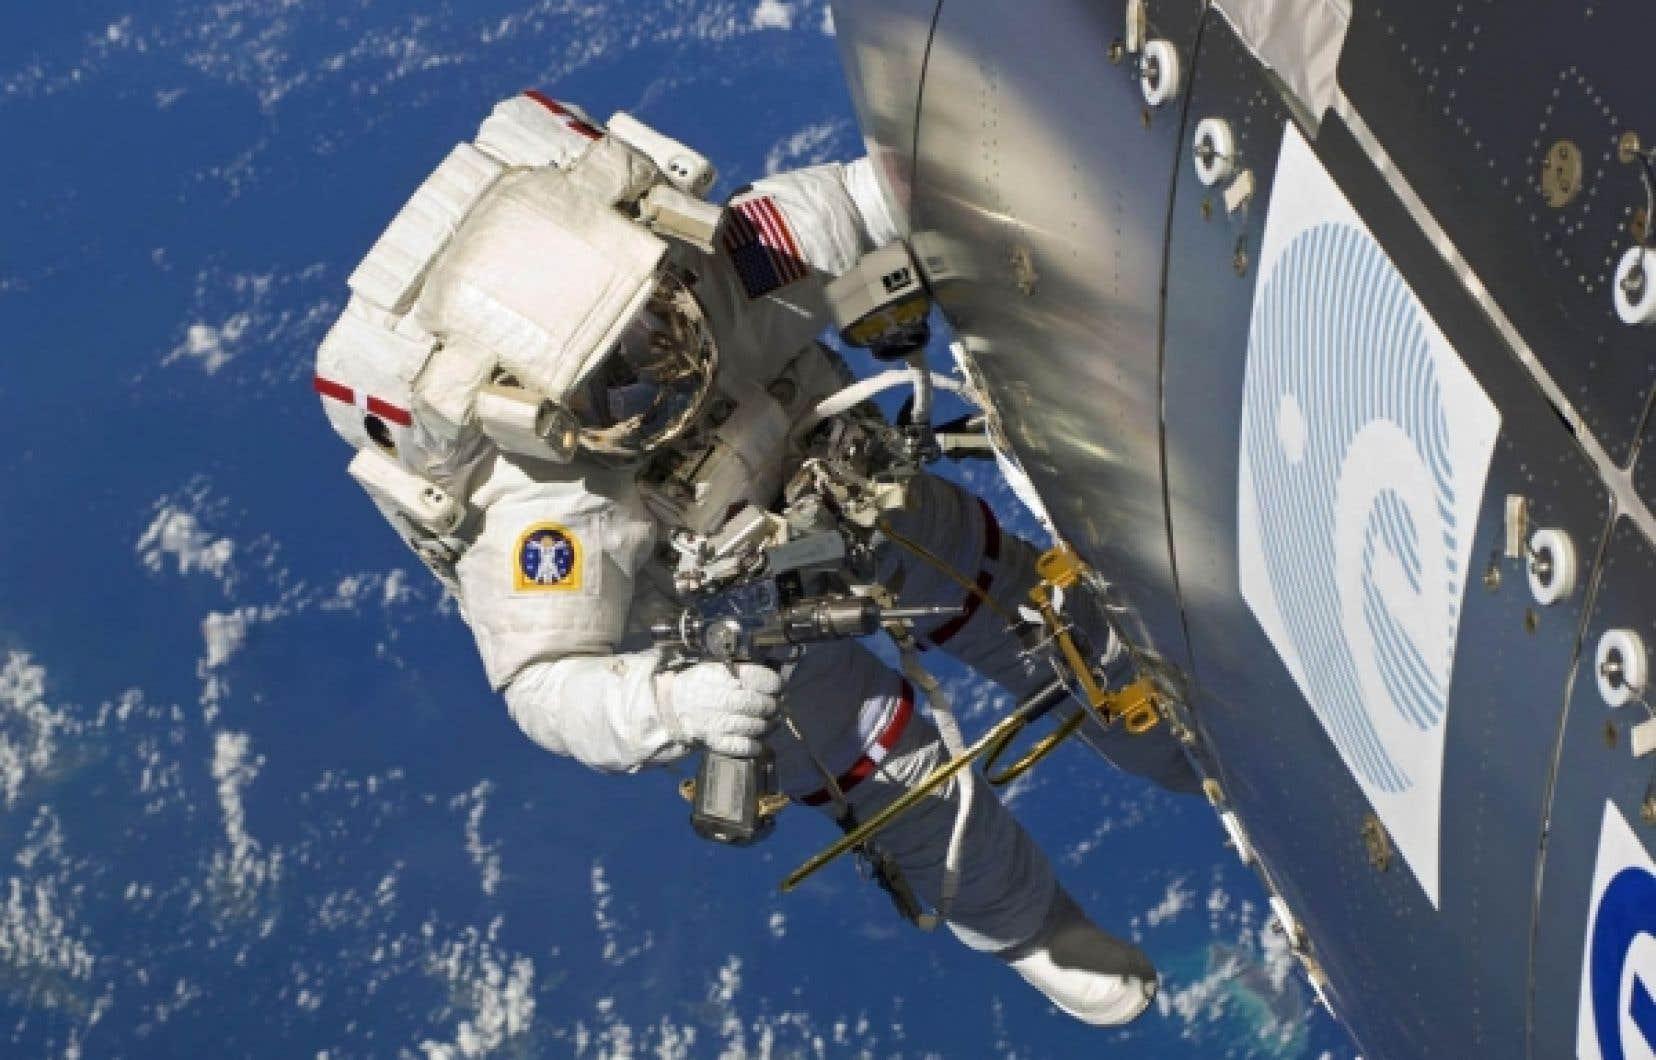 Un astronaute effectue une man&oelig;uvre &agrave; l&rsquo;ext&eacute;rieur de la Station spatiale internationale. Certains astronautes ont rapport&eacute; que leur vue s&rsquo;&eacute;tait d&eacute;grad&eacute;e ou au contraire am&eacute;lior&eacute;e &agrave; la suite de leur s&eacute;jour dans l&rsquo;espace.<br />